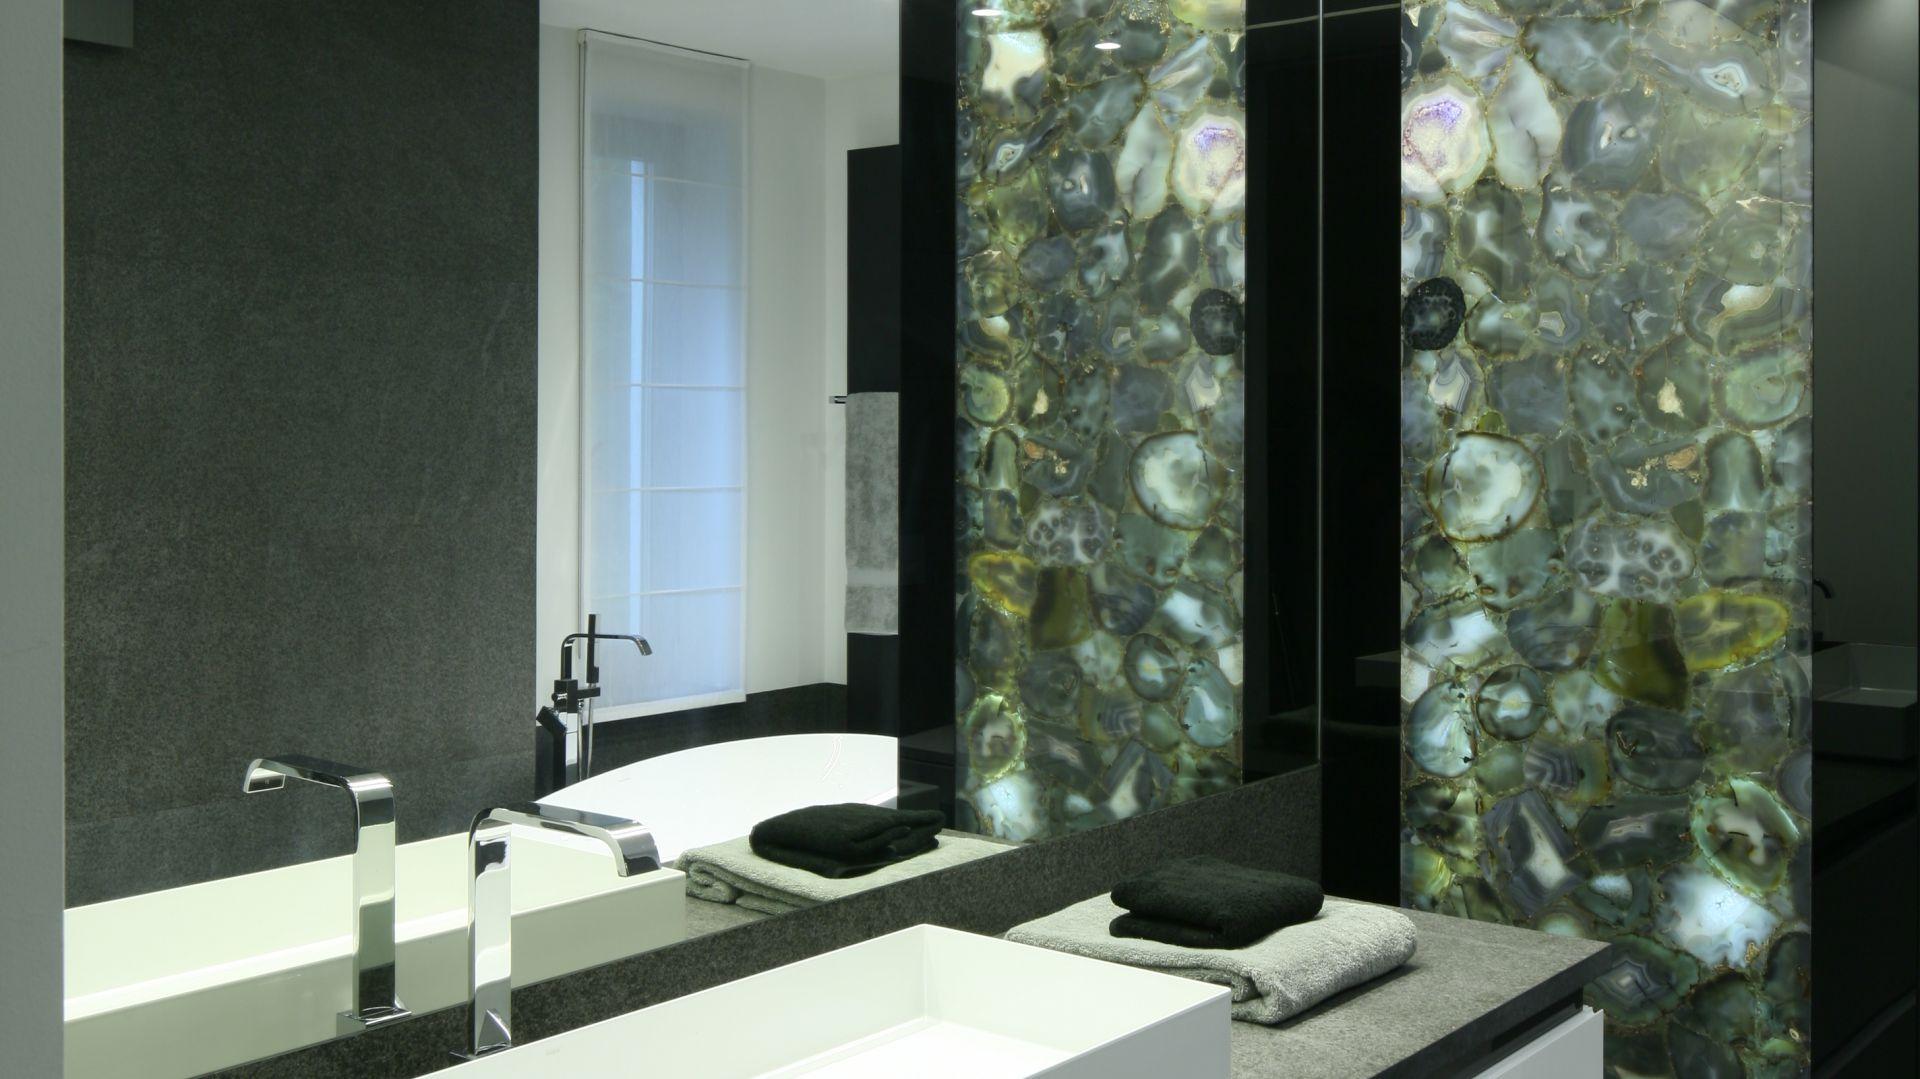 Lustro W łazience 12 Ciekawych Pomysłów